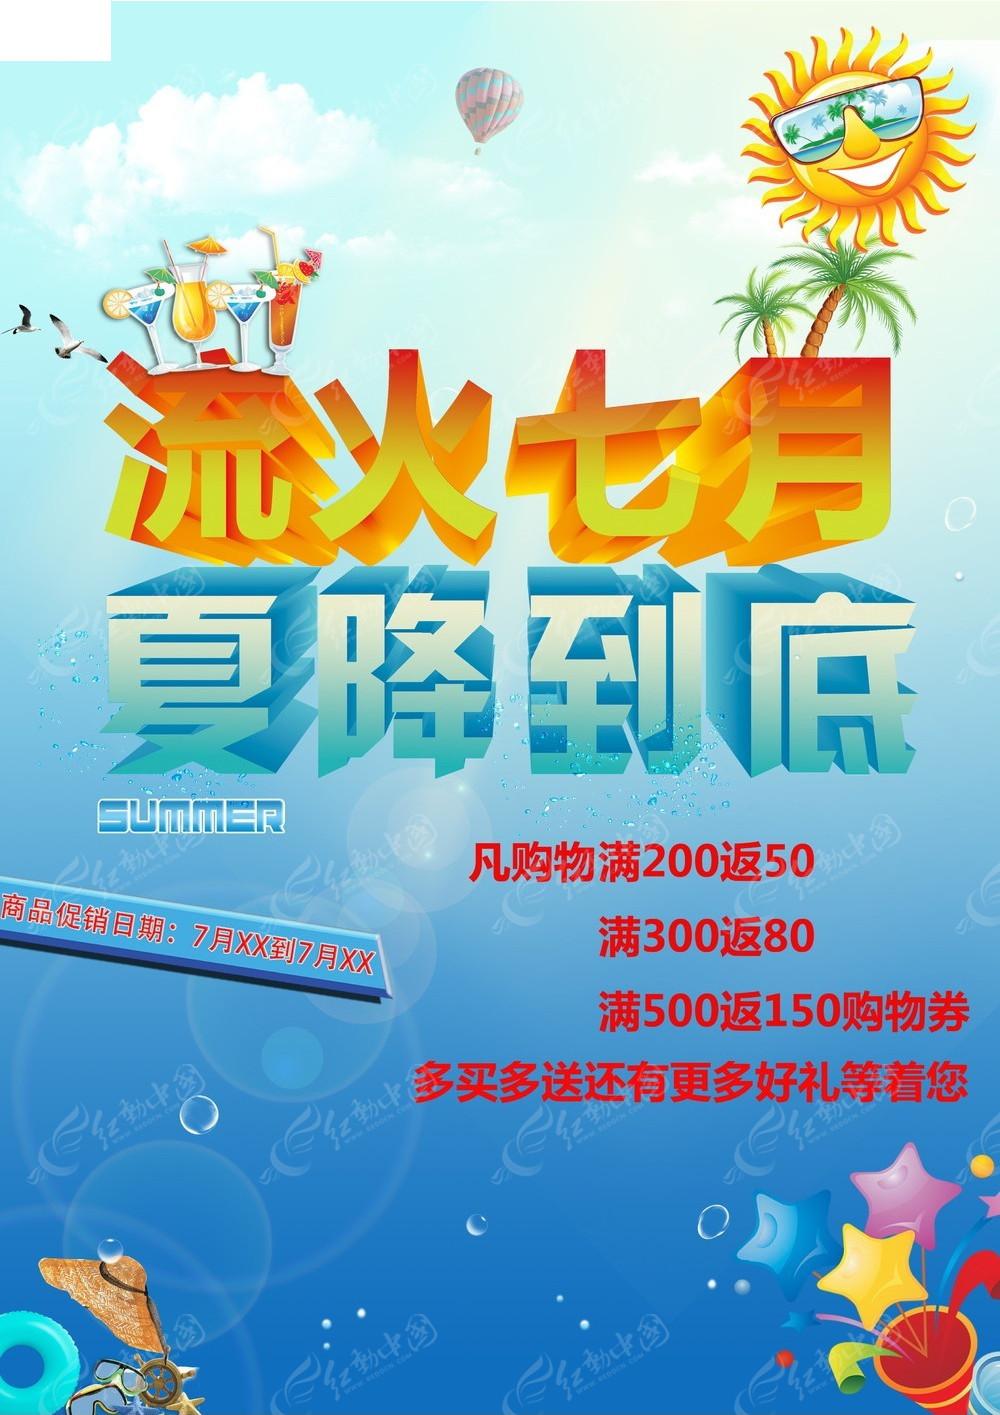 流火七月夏降到底促销海报psd素材免费下载_红动网